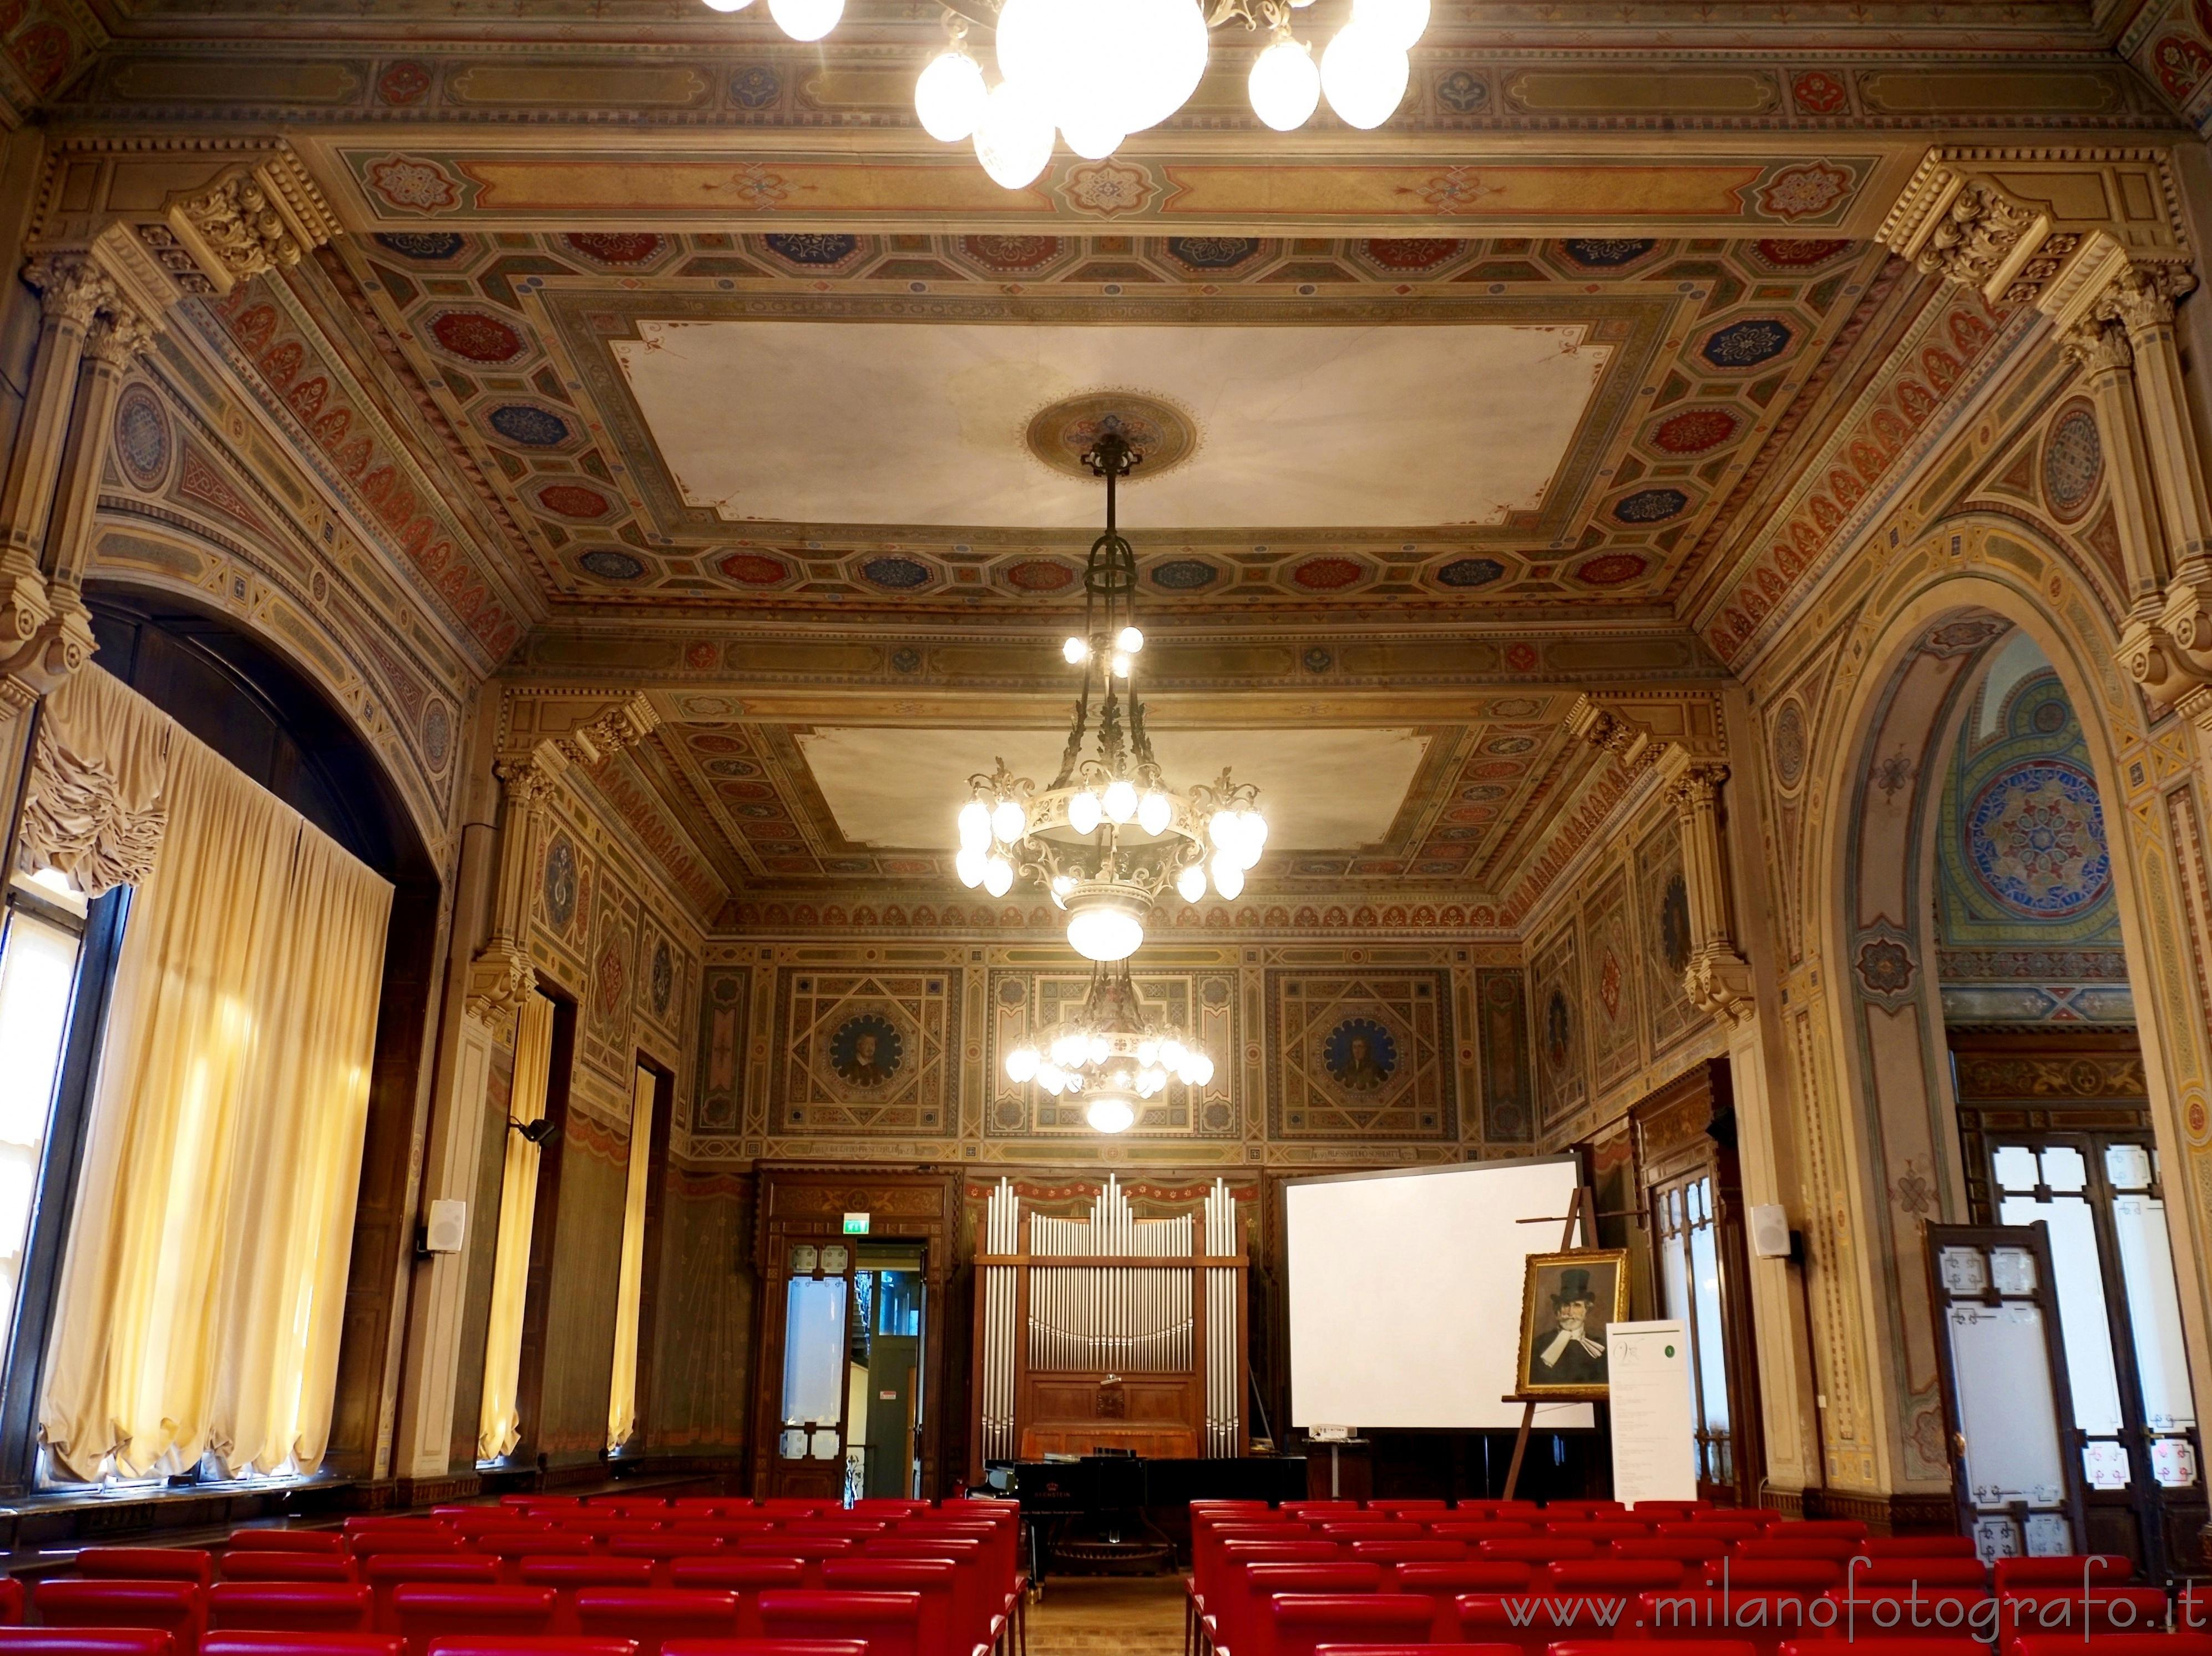 Milano salone concerti di casa verdi immagine a piena for Piccoli piani di casa verdi